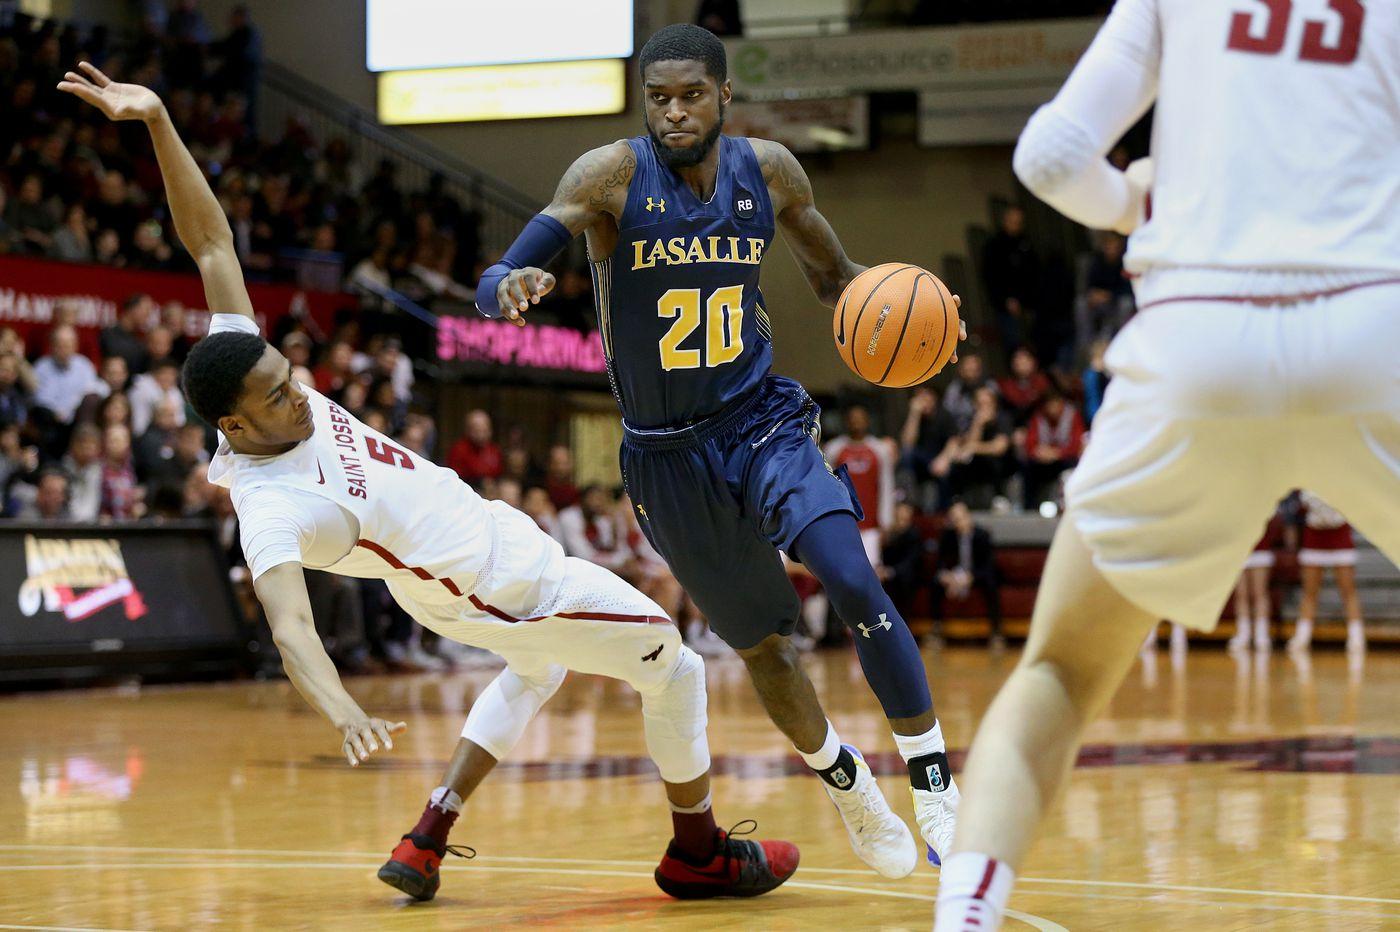 La Salle, Lower Merion alum B.J. Johnson joins Charlotte Hornets' NBA summer league team